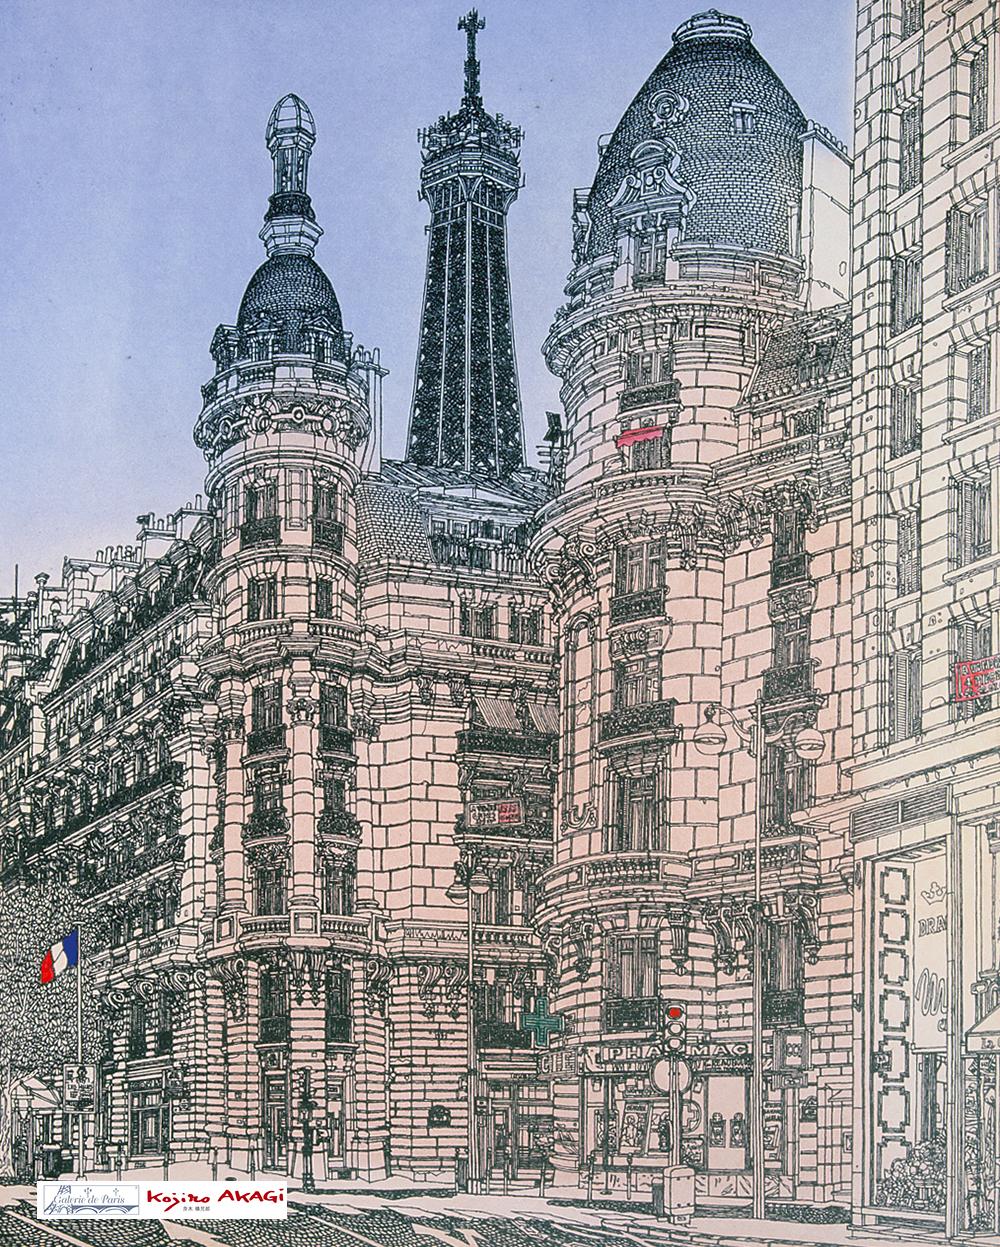 A la rue de Passy / E-89 - 1996, Eau-forte et Aquatinte, Atelier Garric Tanguy,100 tirages + 20 E.A. romain,sur papier Moulin du Gué 58 x 76 cm.